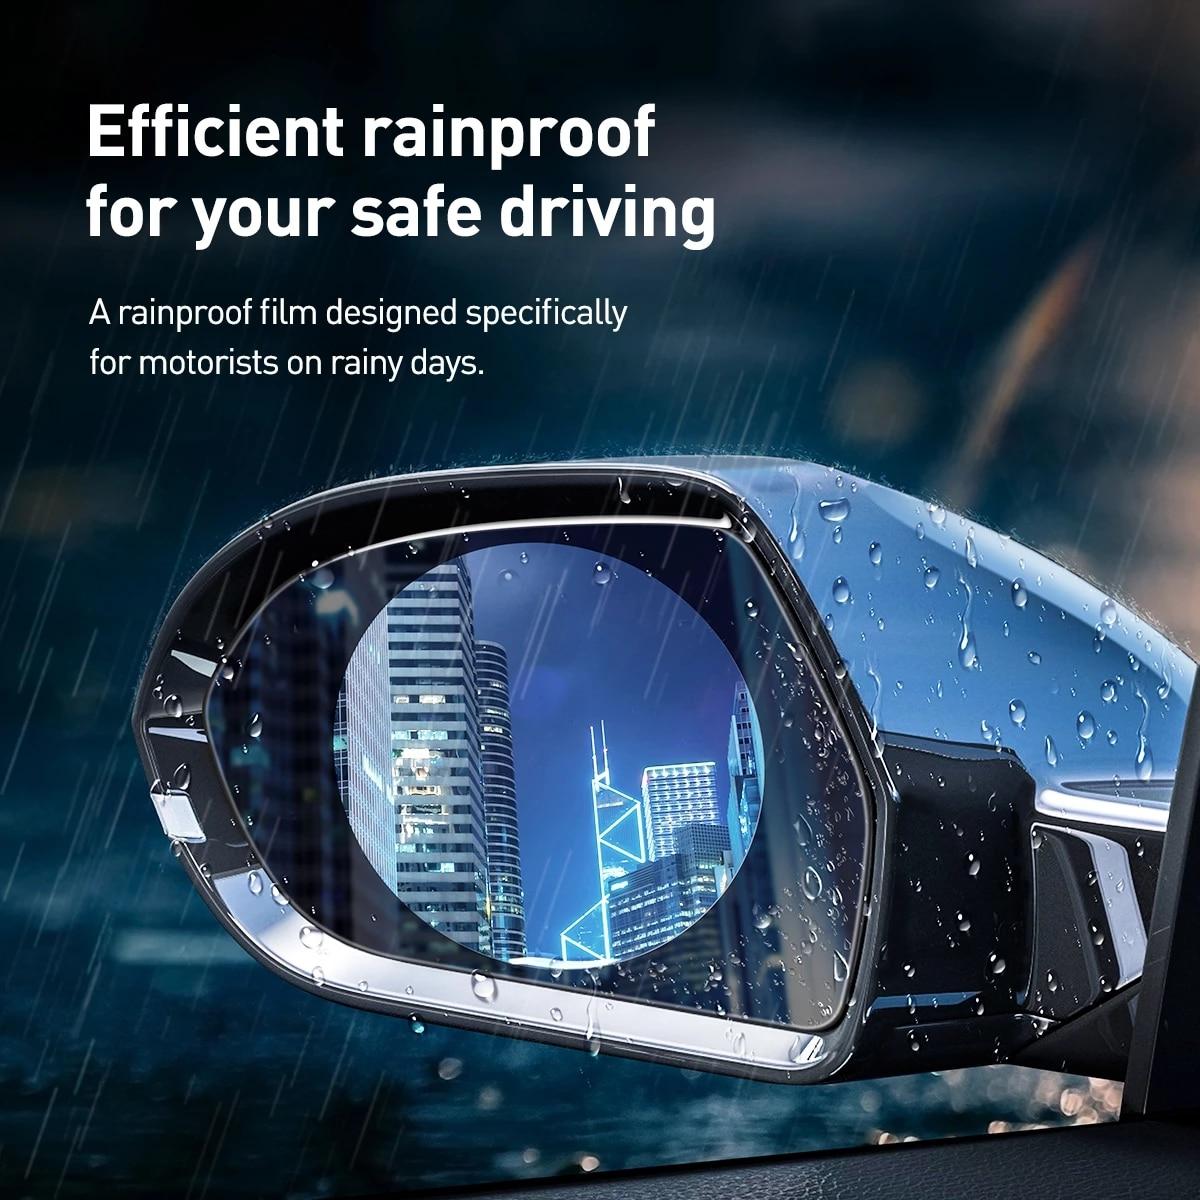 2 adet/takım yağmur geçirmez araba aksesuarları araba ayna camı şeffaf Film membran Anti sis Anti parlama önleyici su geçirmez etiket sürüş güvenliği